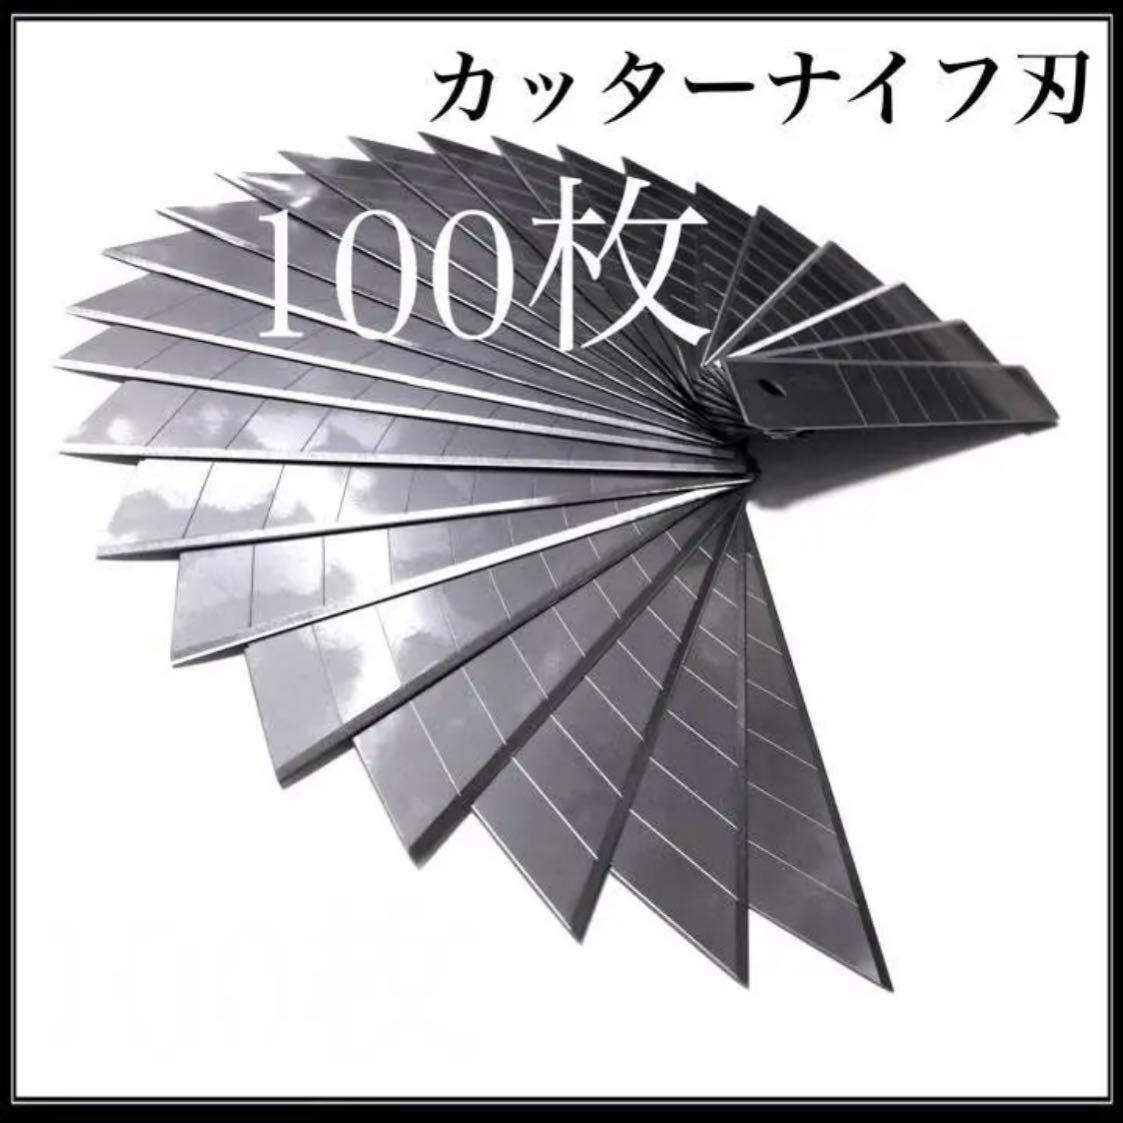 【送料無料】カッターナイフ 刃 100枚セット OLFA 替刃 切 カッター まとめ 0.5 文房具 カッター 事務用品 梱包 大量